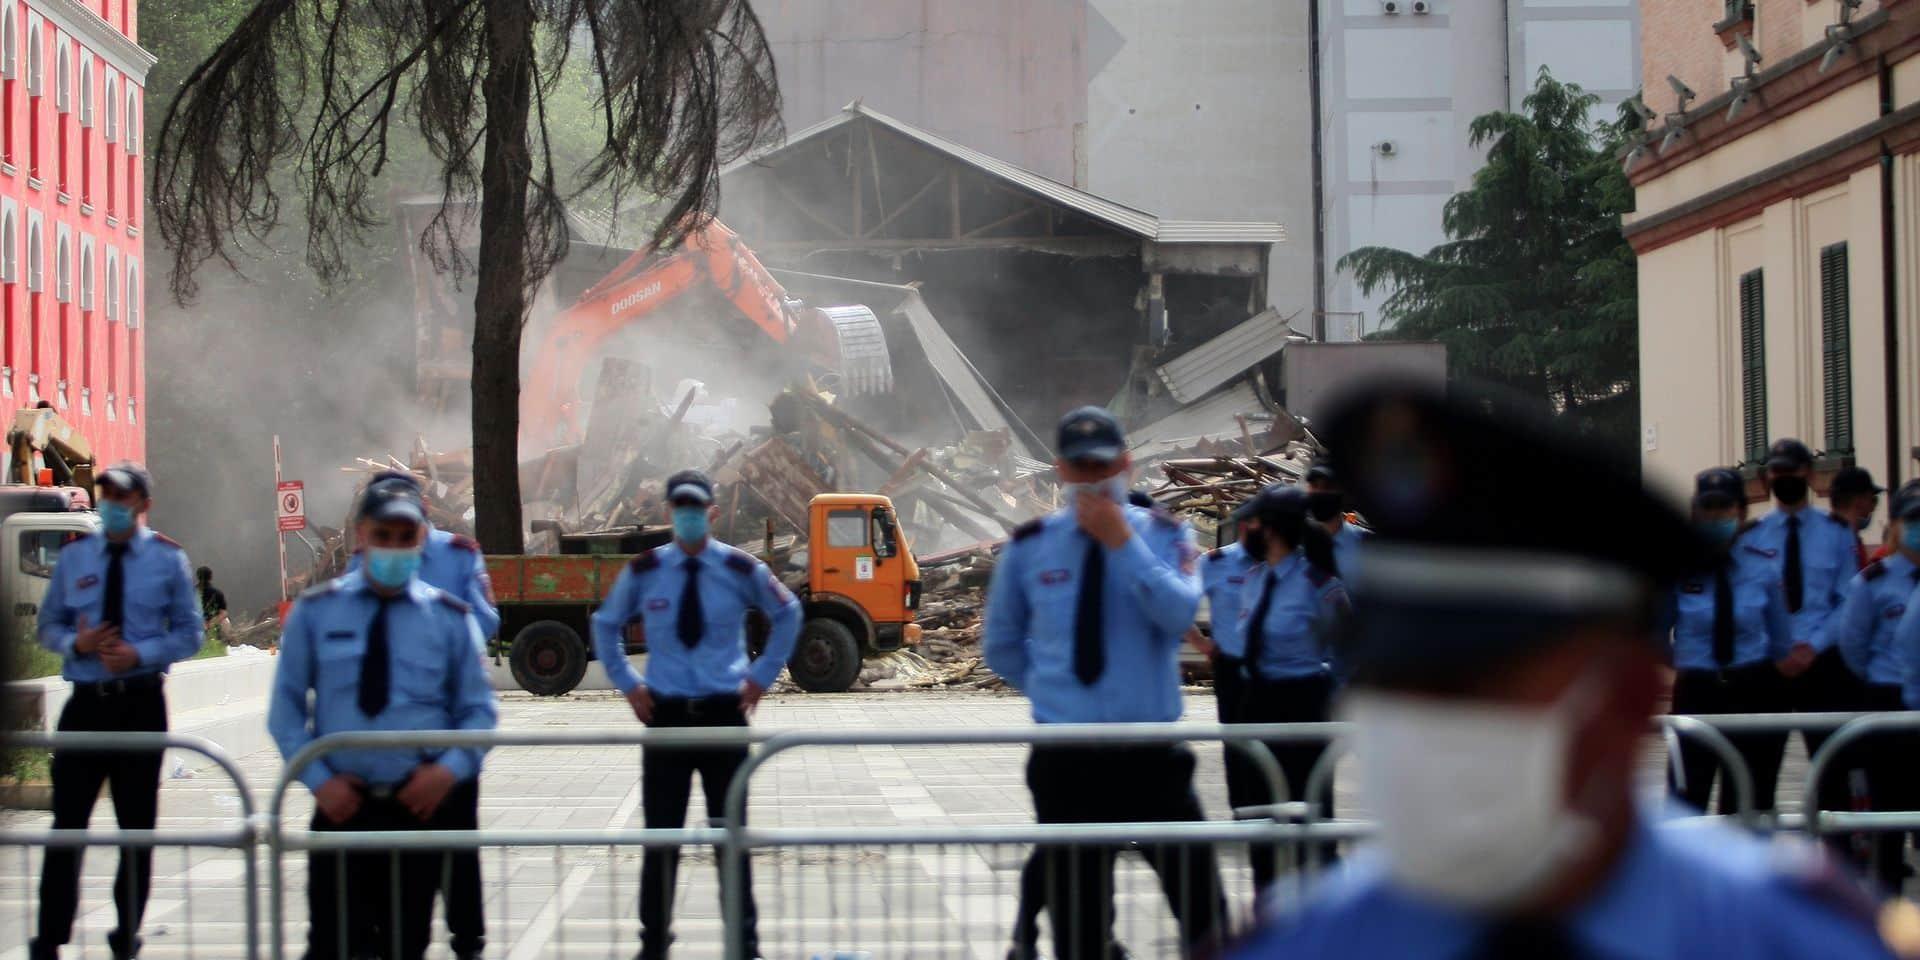 La destruction du théâtre de Tirana, le point culminant des tensions politiques et sociales de ces dernières années